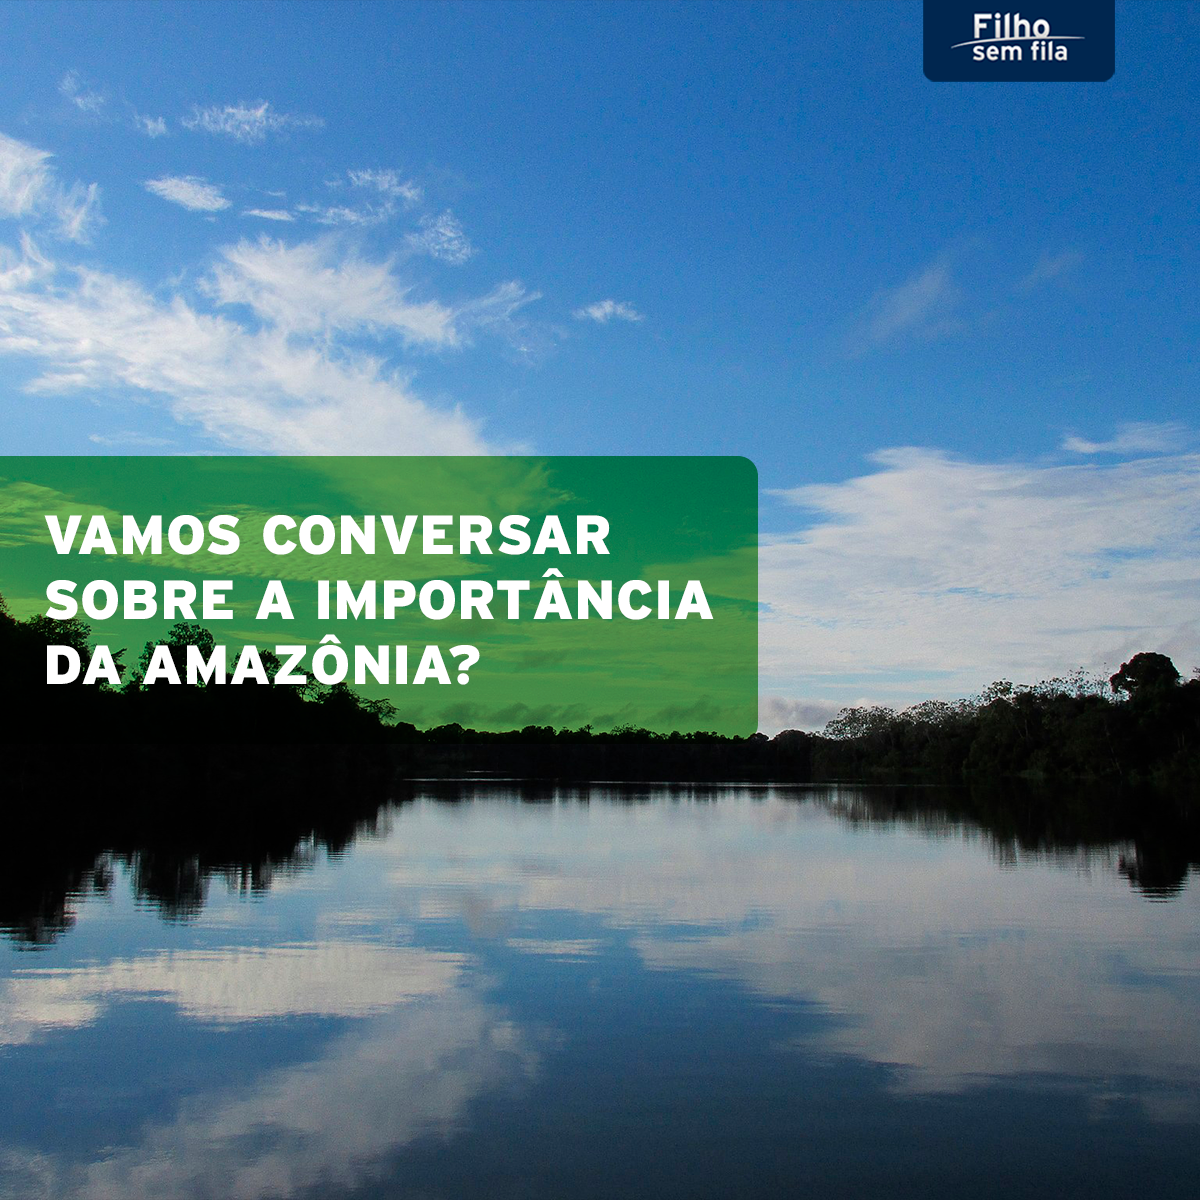 Vamos conversar sobre a importância da Amazônia?